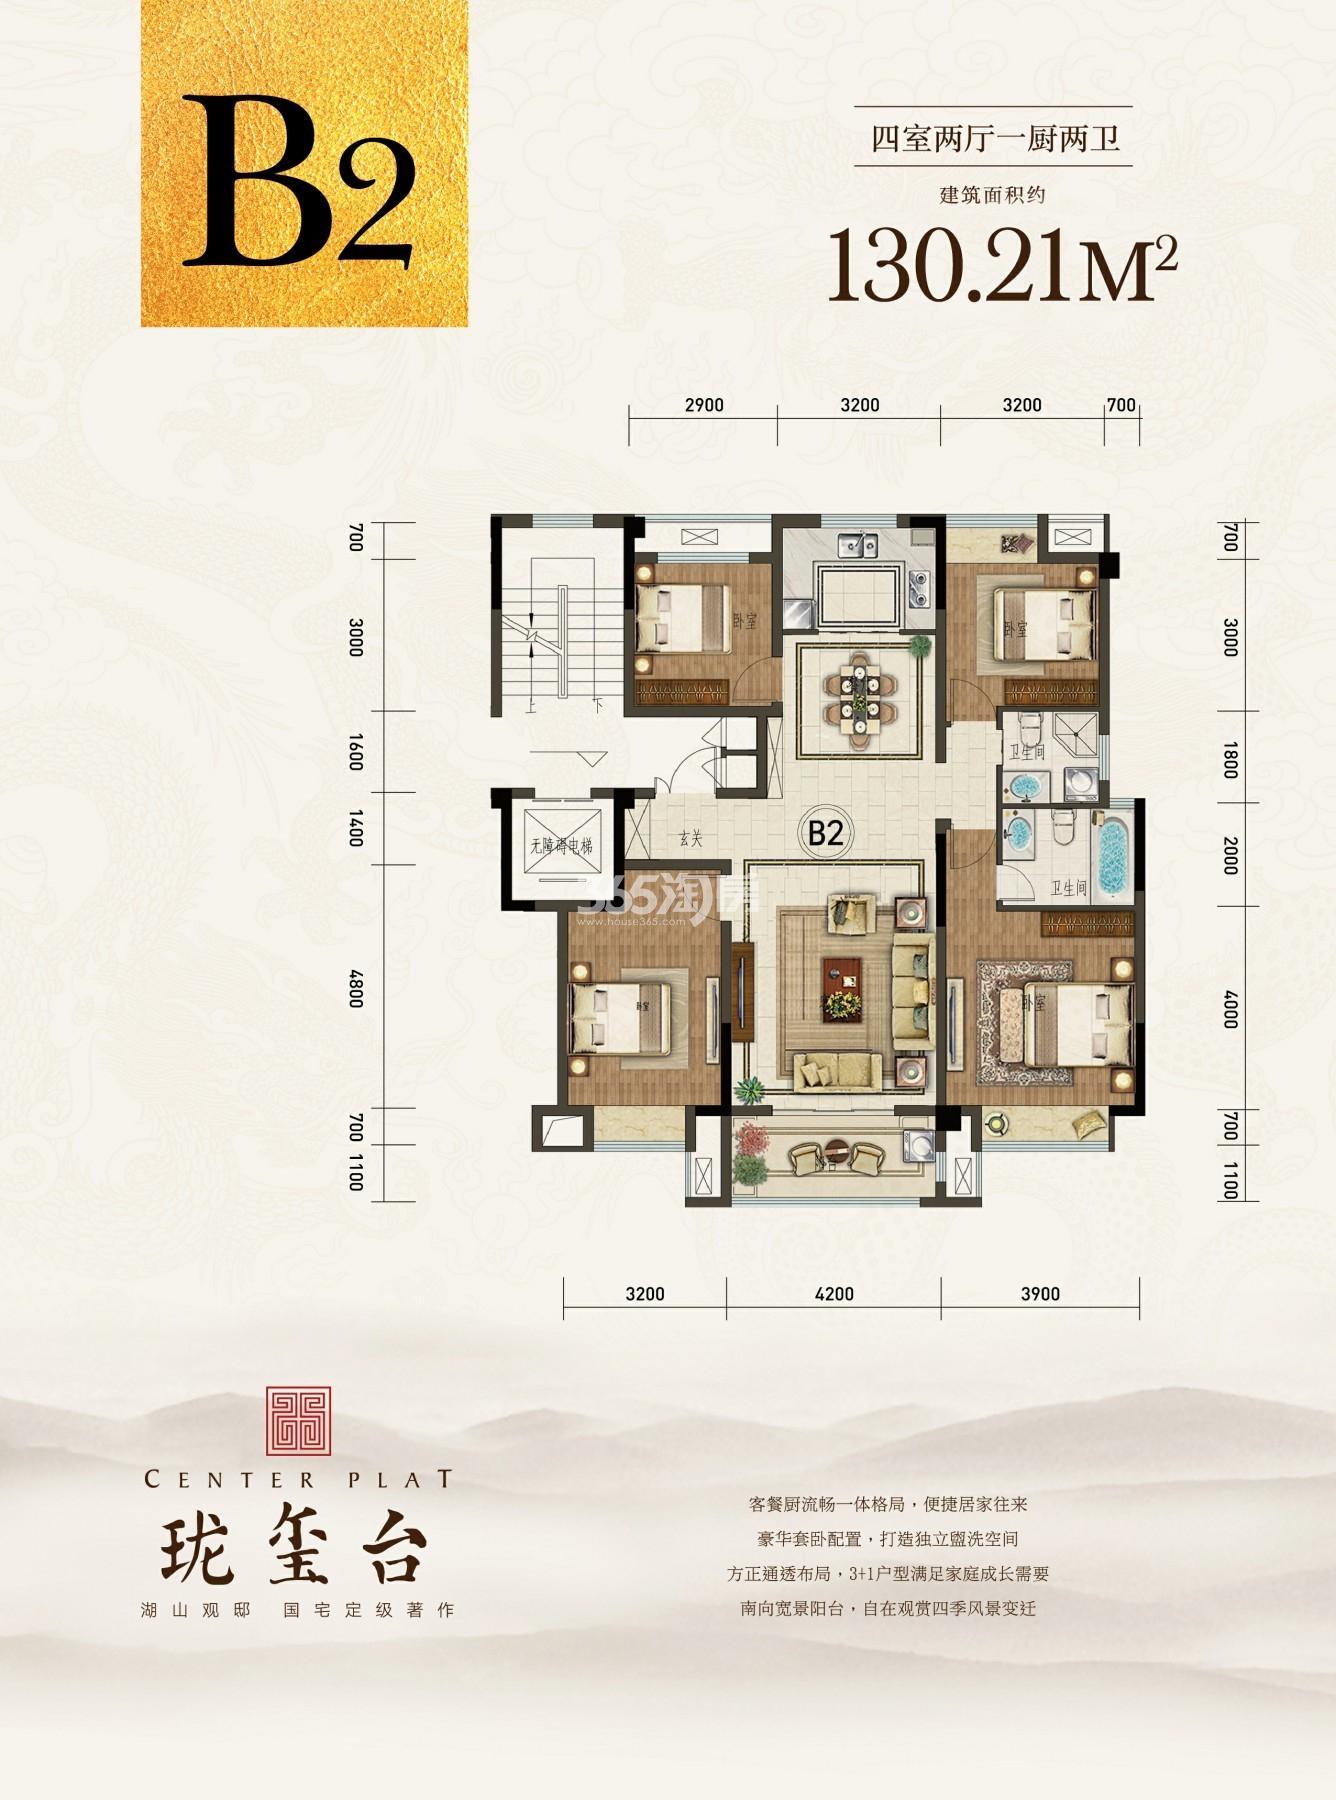 金鹏珑玺台B2 130㎡户型图